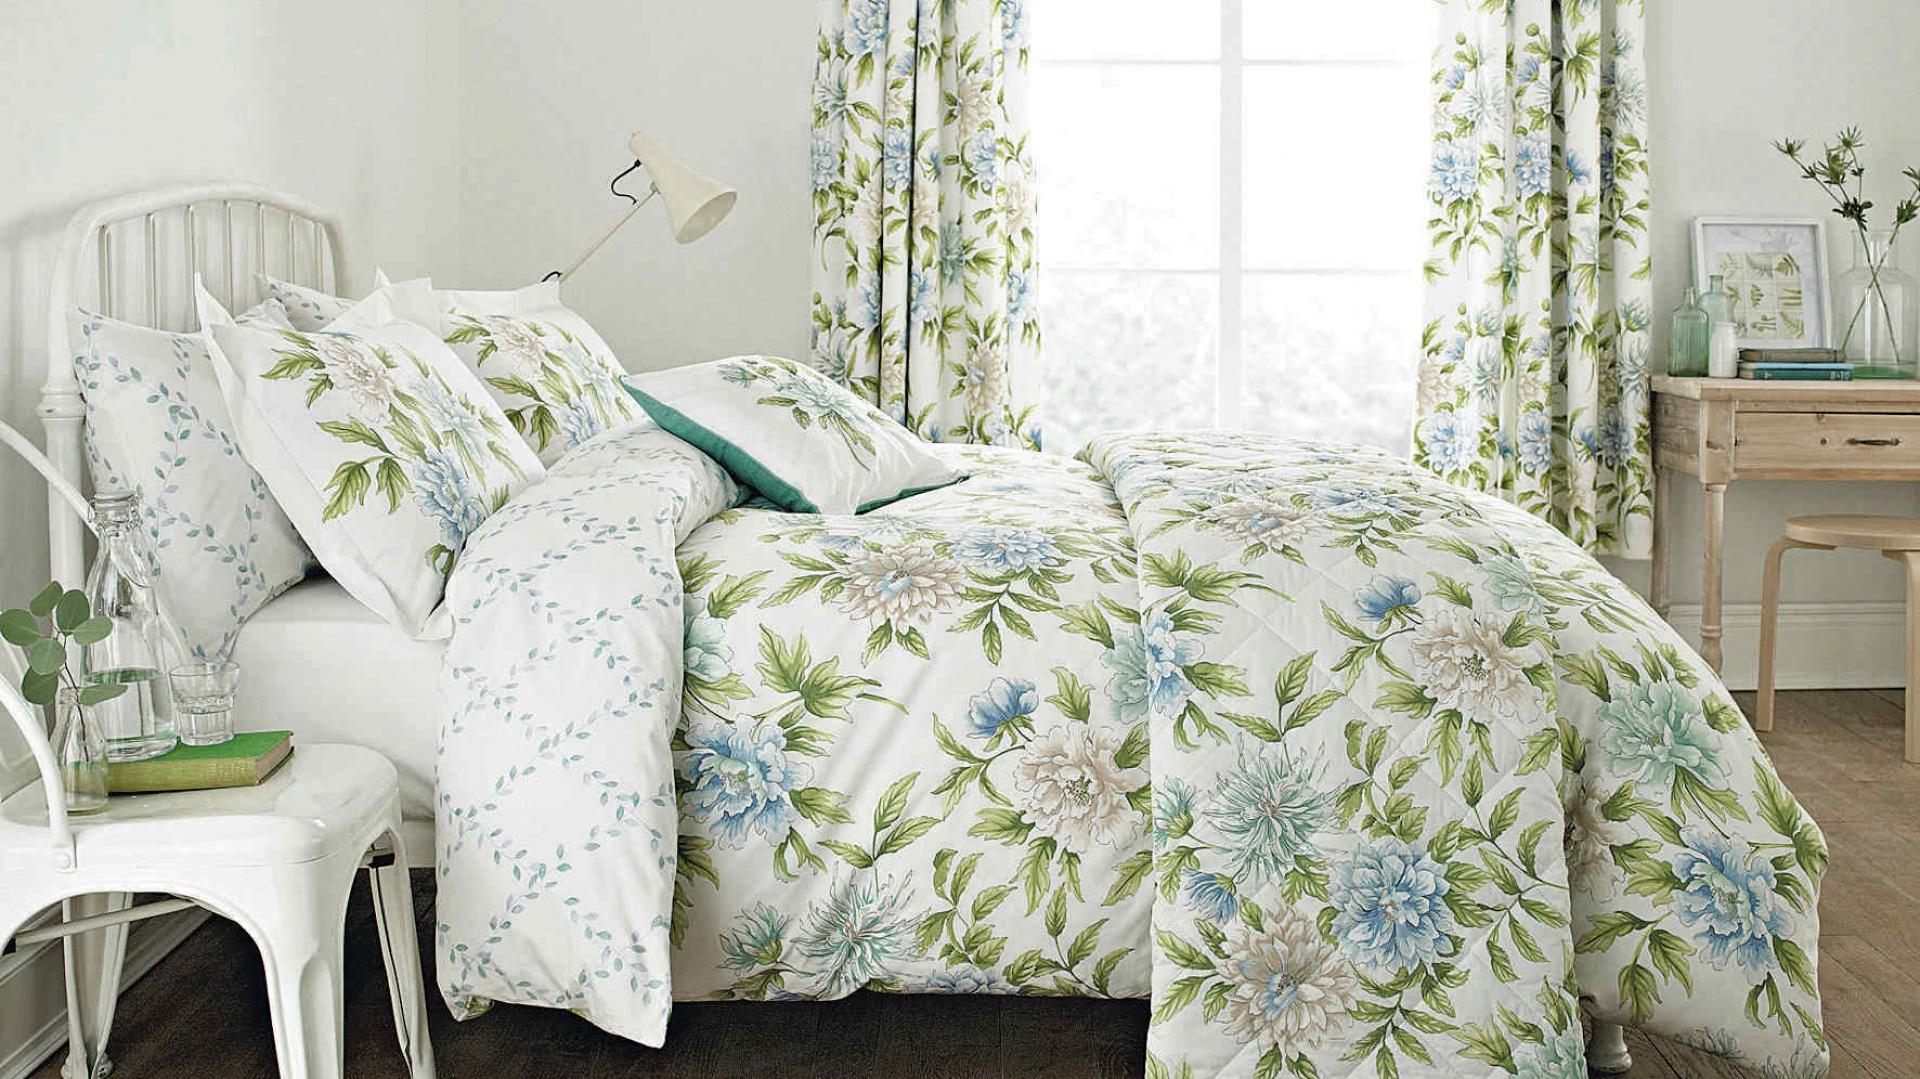 Ciekawie zaścielone łóżko to nie tylko różnorodne poduszki i kontrastujące tkaniny. Komplet pościeli w jednym stylu również stworzy w sypialni ciekawą aranżację. Fot. House of Bath.